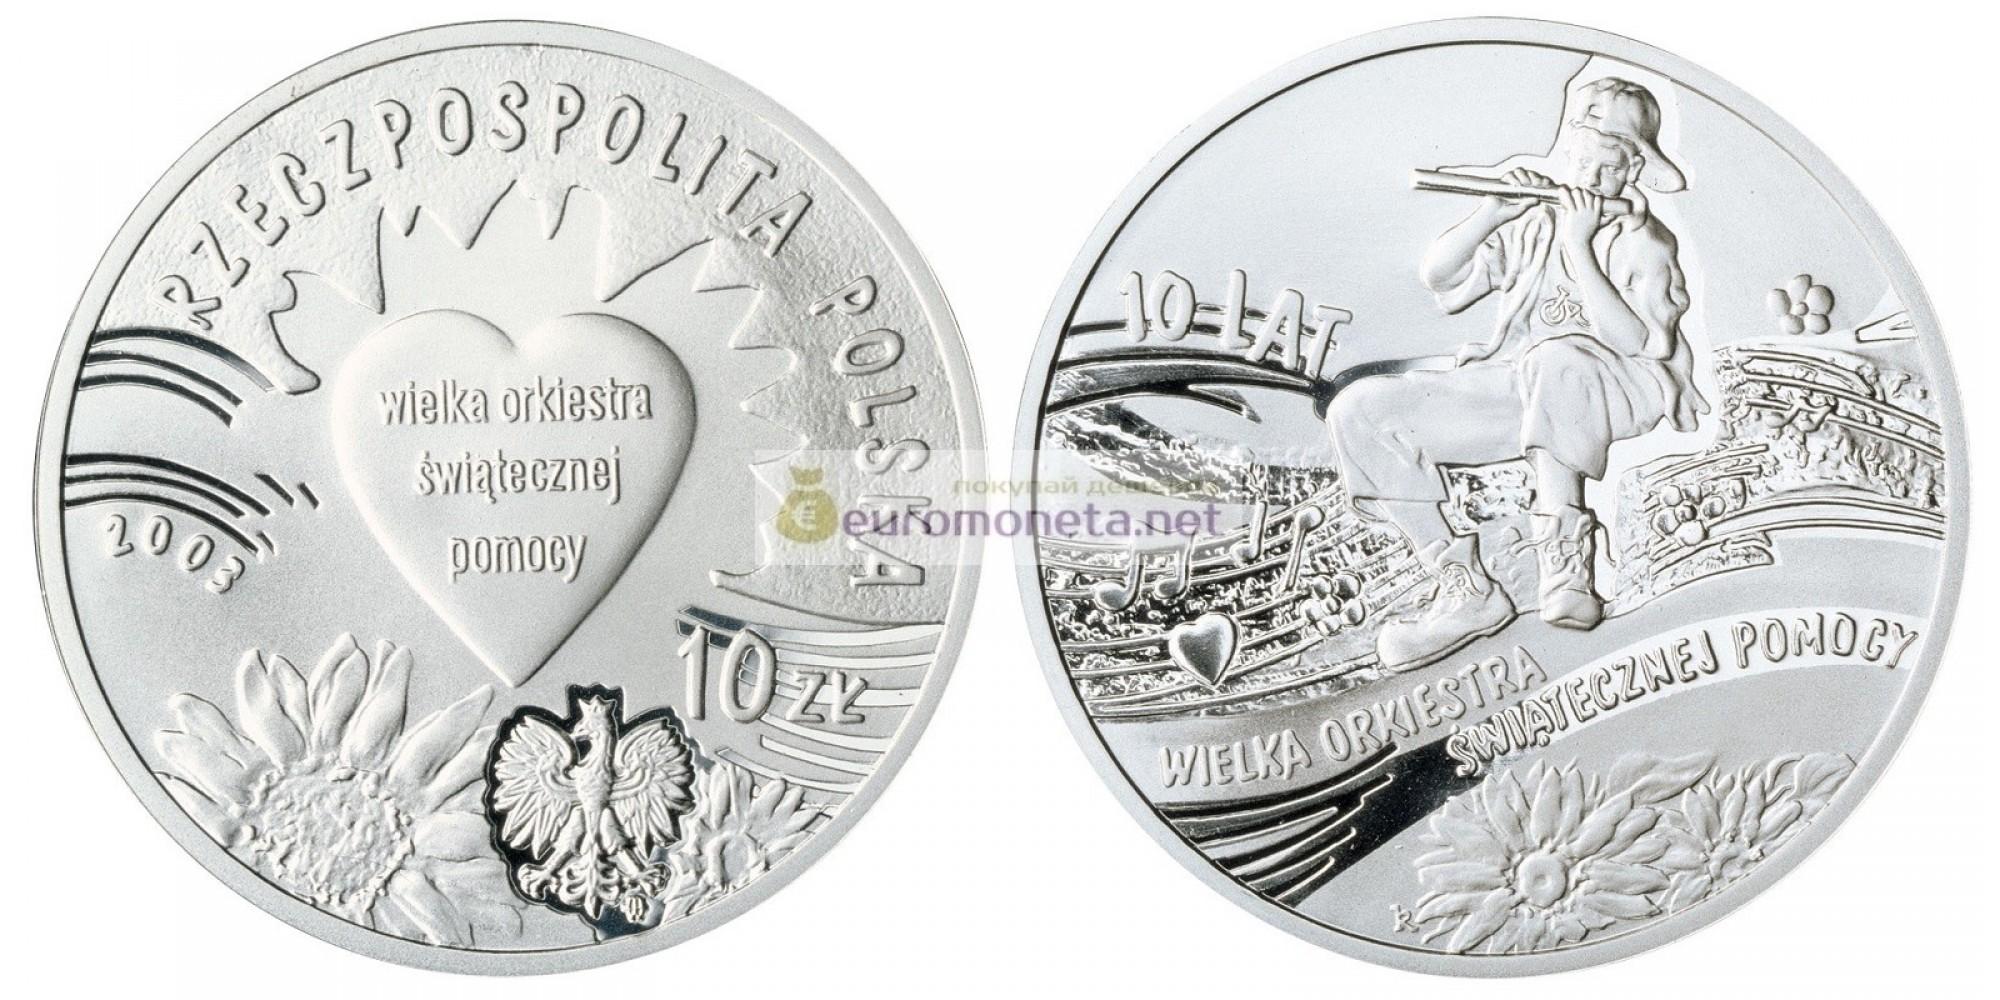 Польша 10 злотых 2003 год 10 лет Большому оркестру Рождественской благотворительности серебро пруф